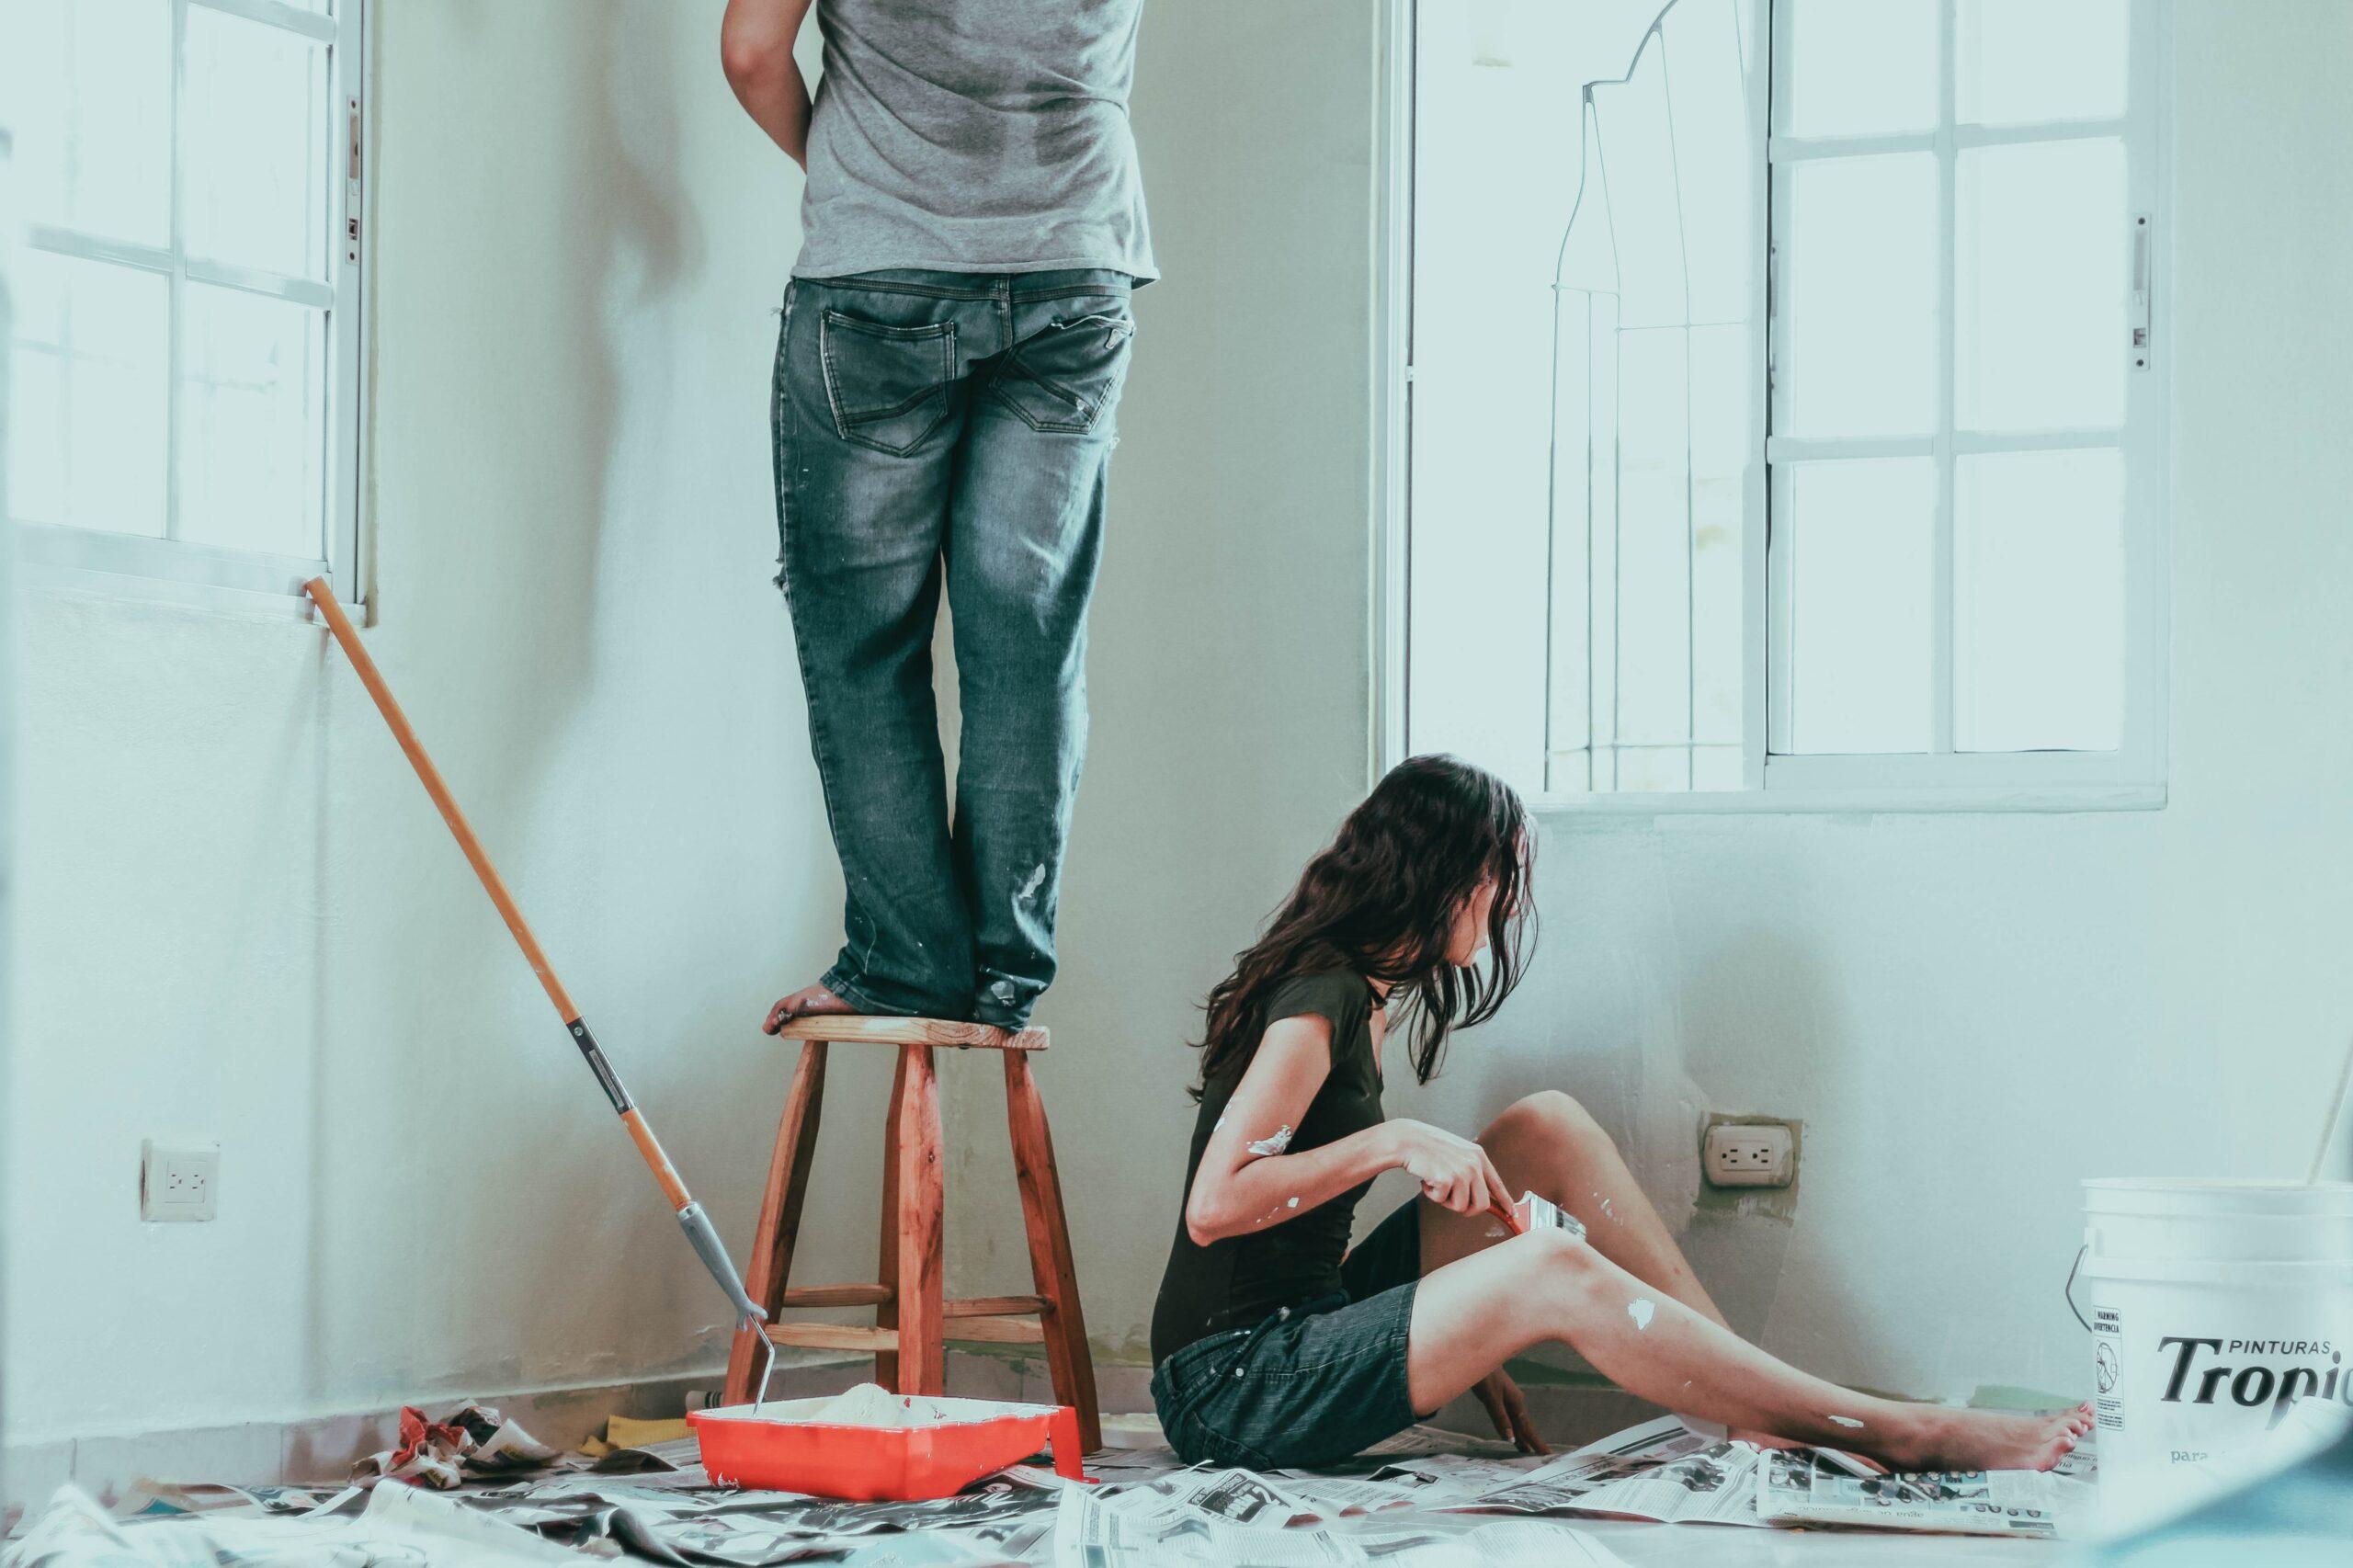 personer målar vägg